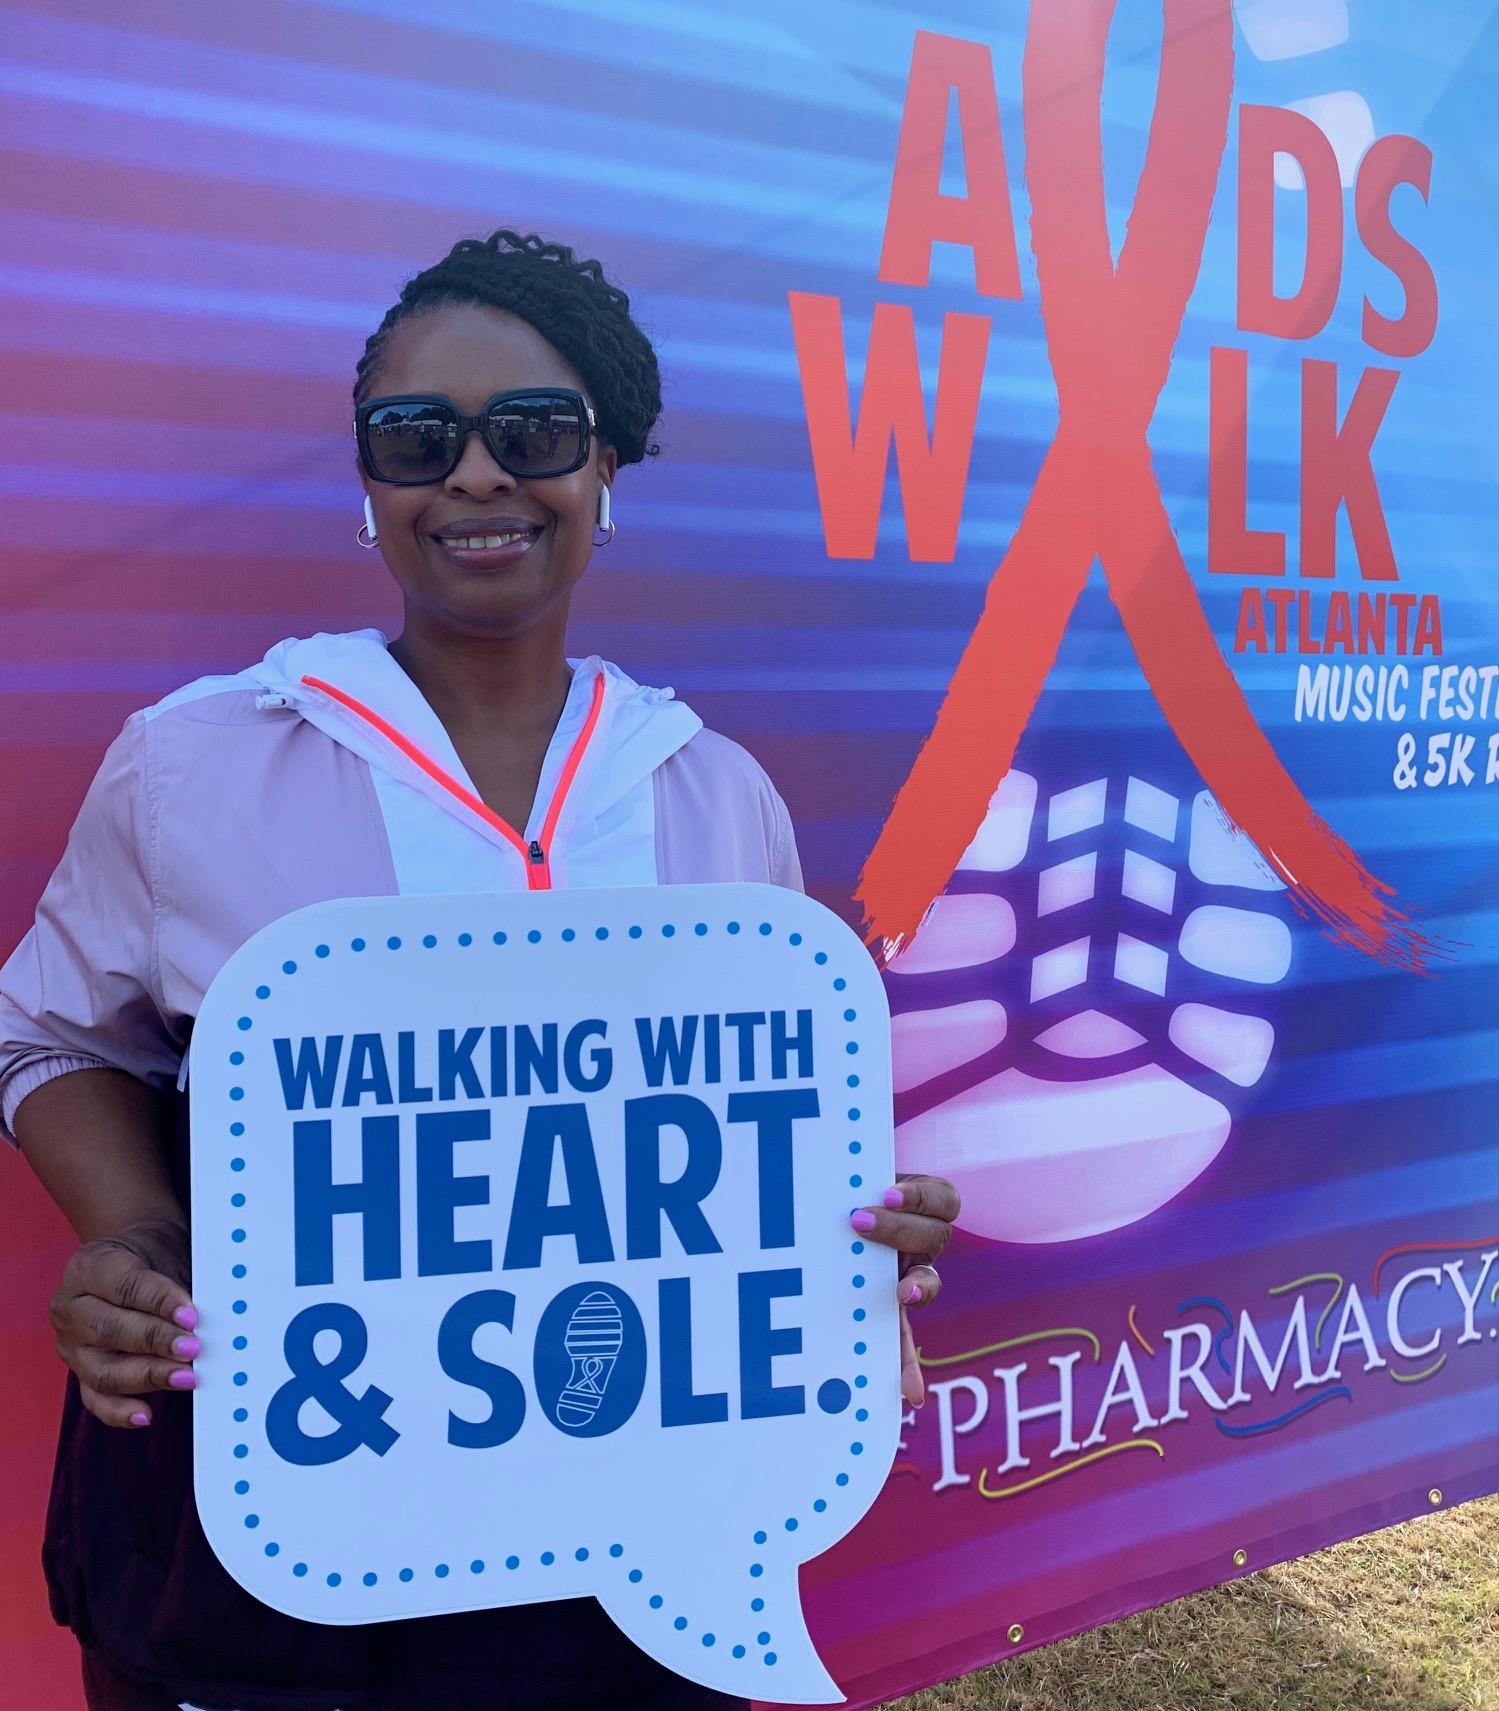 AIDSWalk2021_44